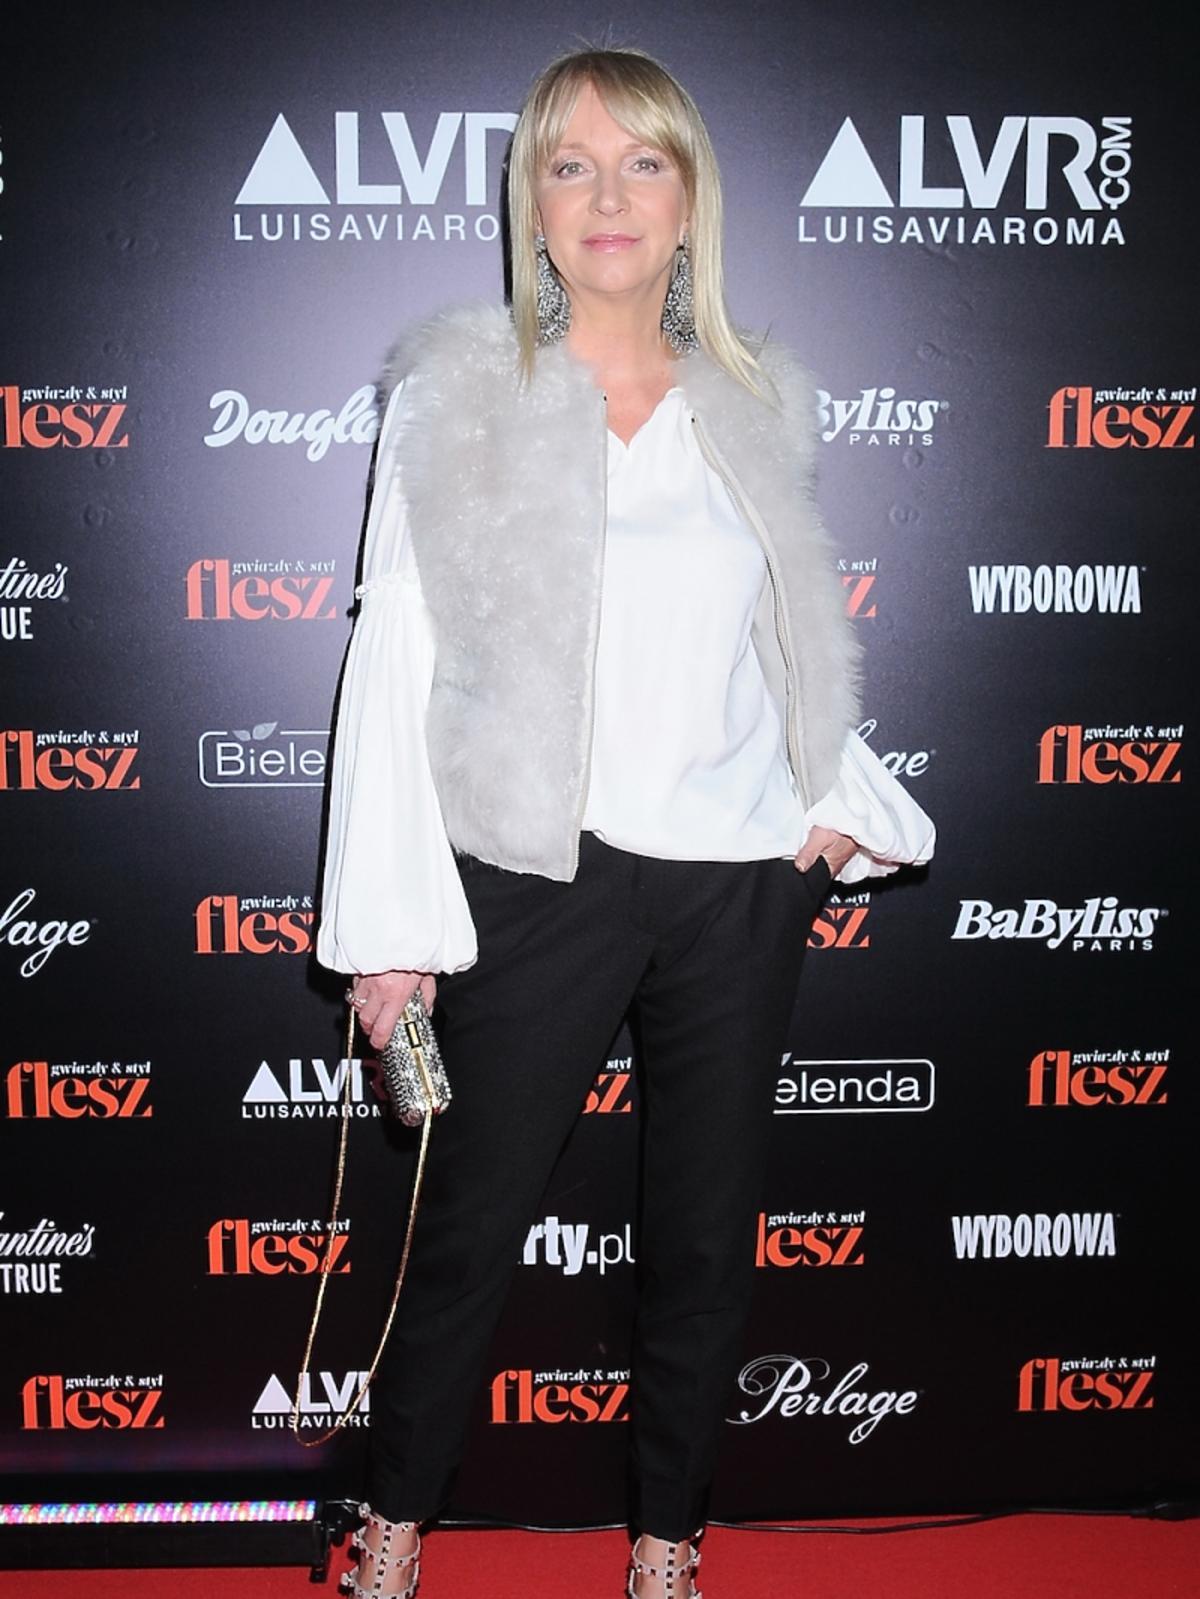 Mariola Bojarska Ferenc na gali Flesz Fashion Night